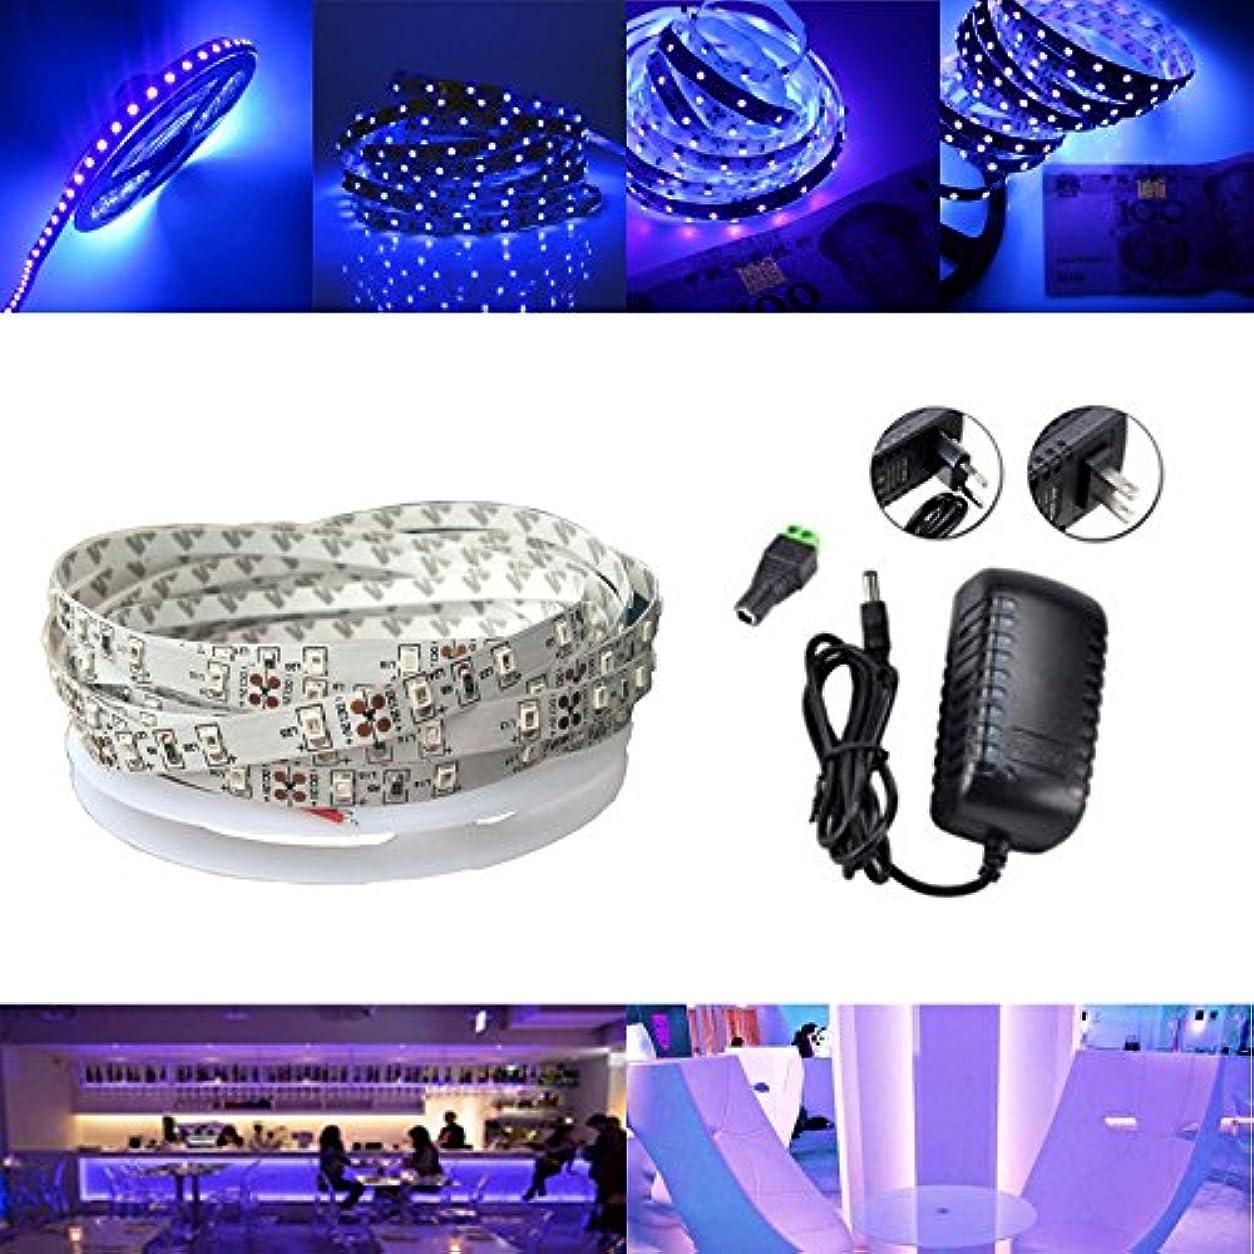 めまい天井滑るYZUEYT 5M UV SMD2835 395-405NMパープル300 LED非防水ストリップライトキット+コネクタ+電源12V YZUEYT (Size : Plug EU plug)